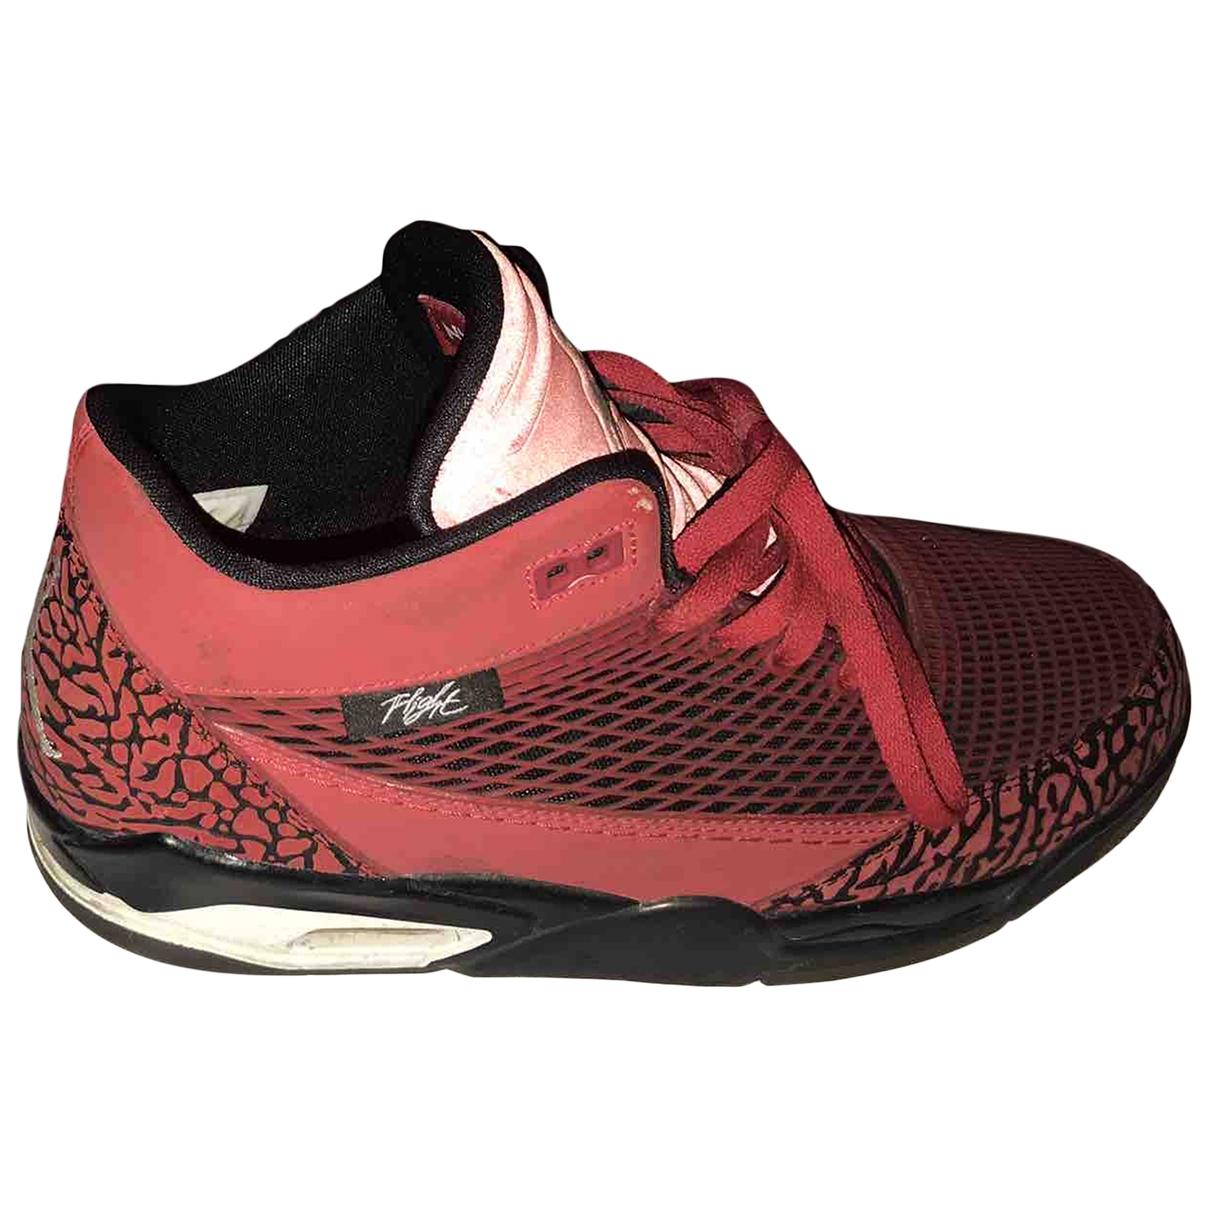 Jordan - Baskets   pour homme en caoutchouc - rouge